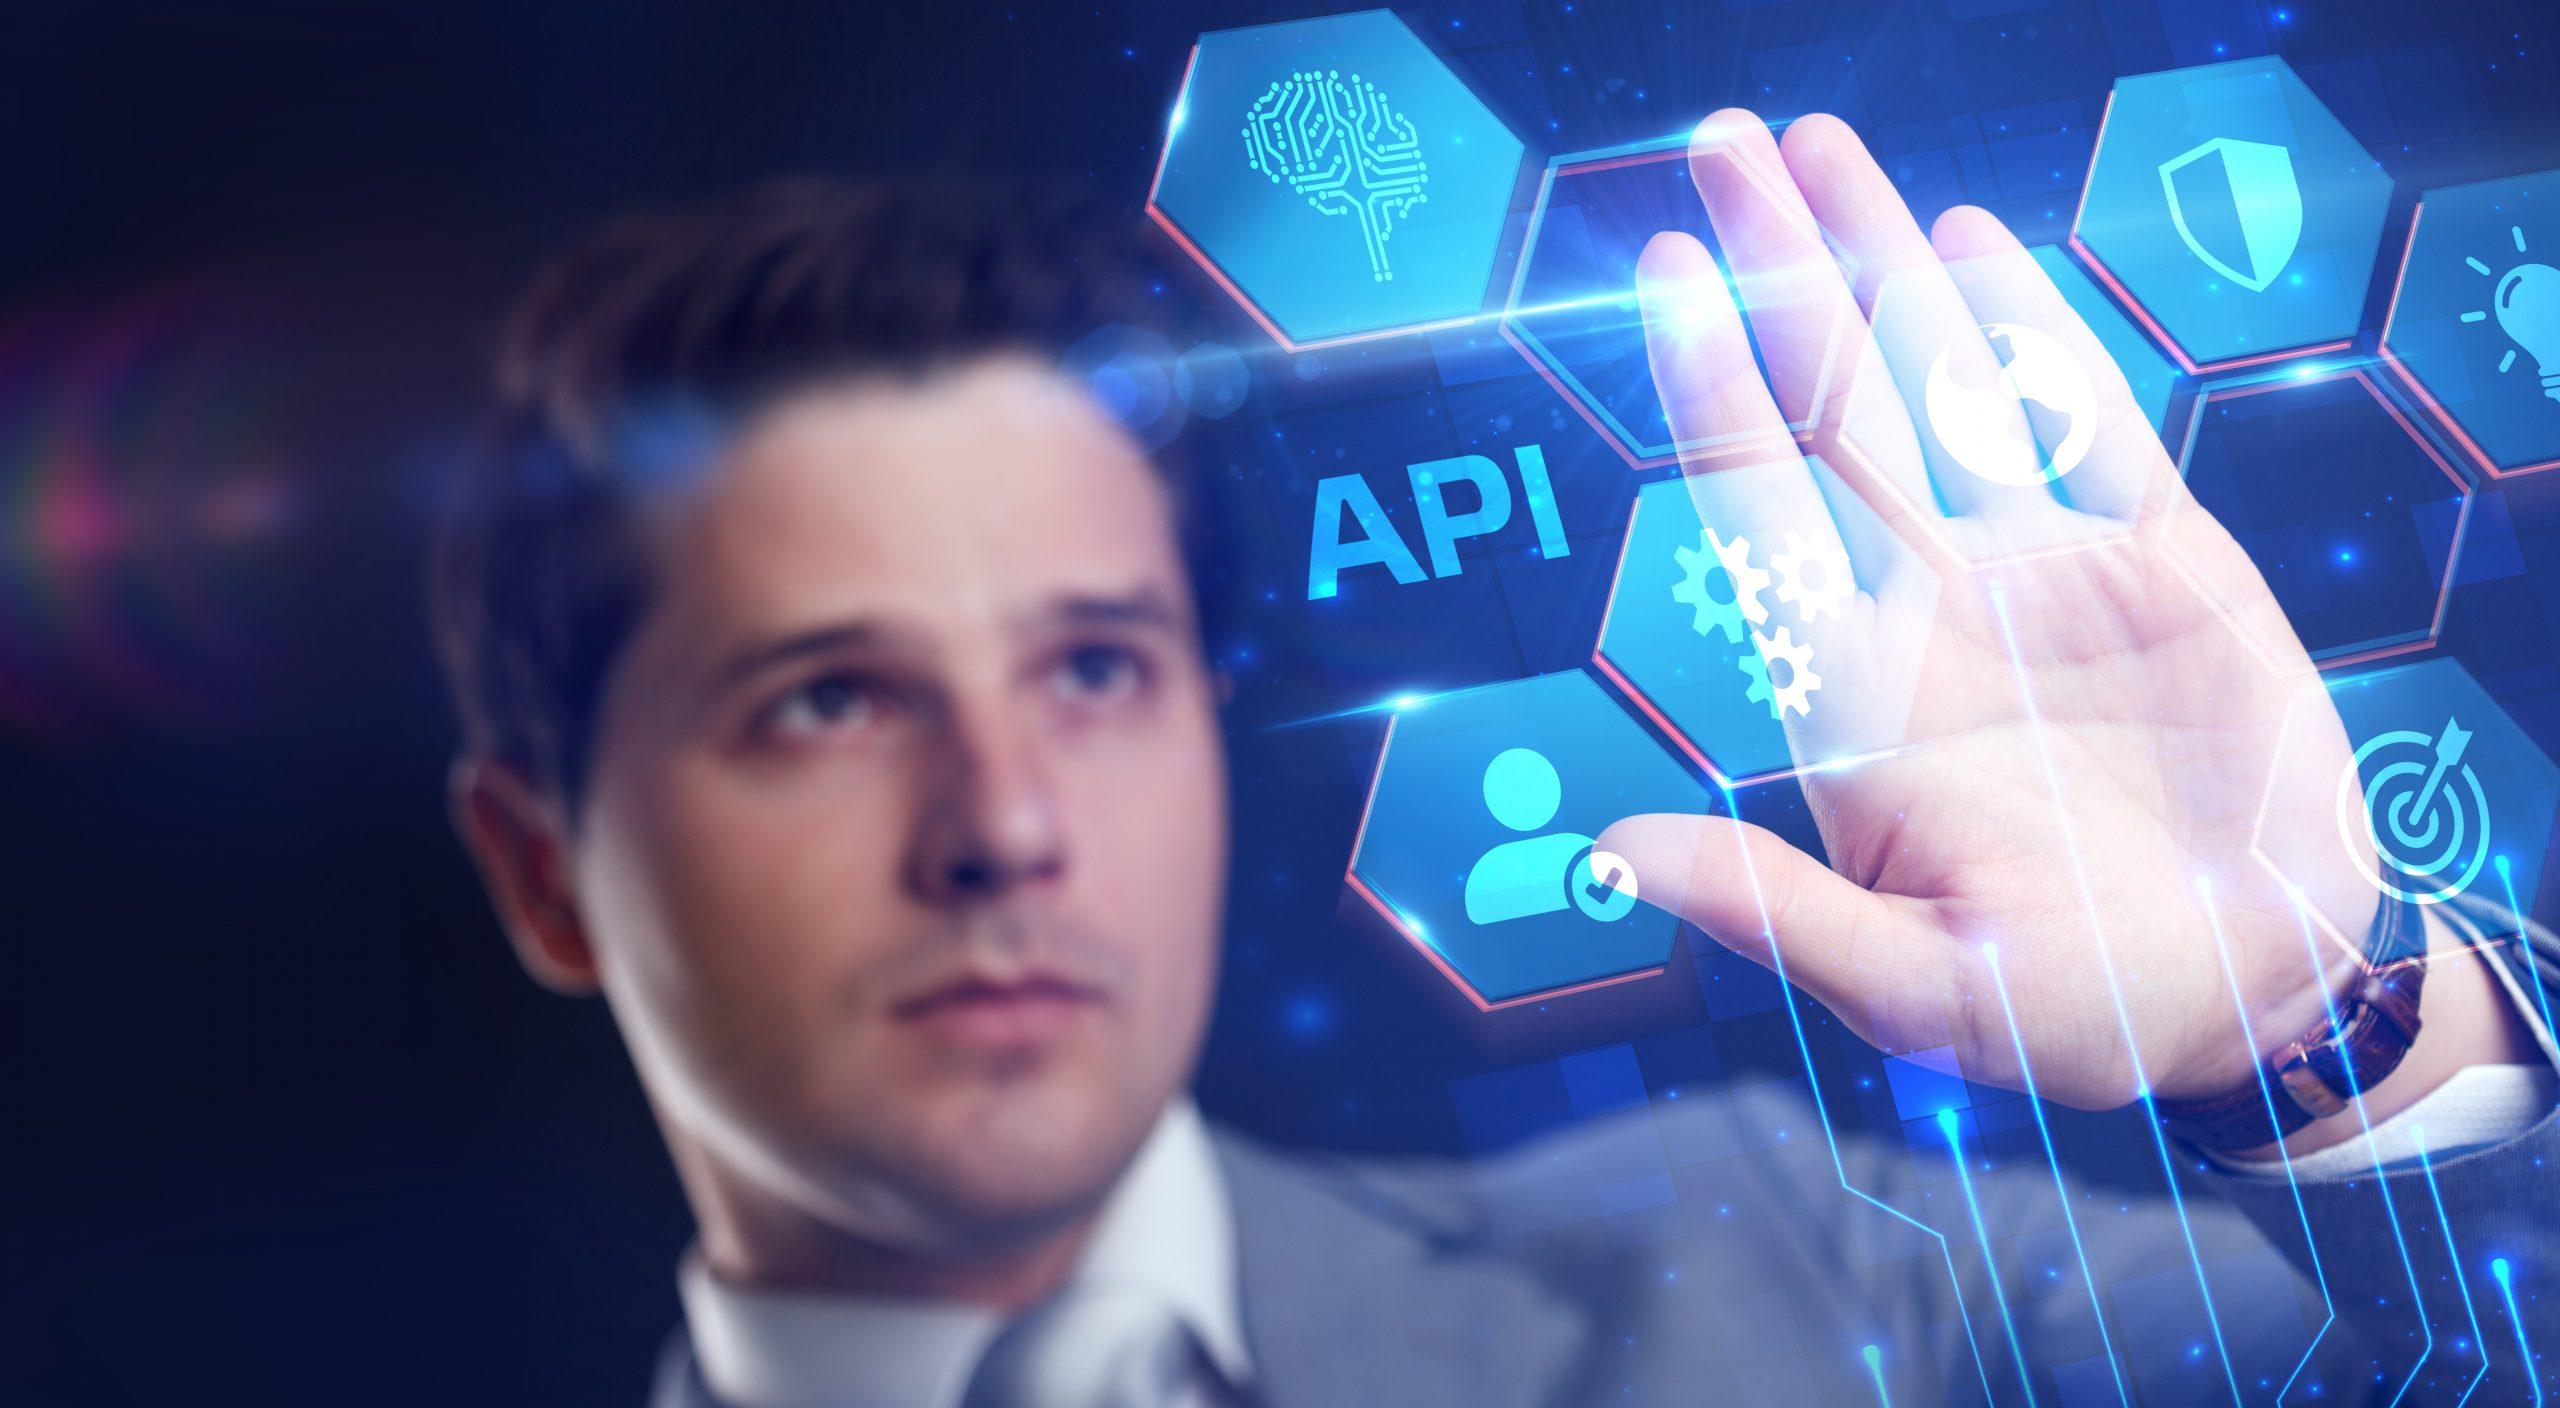 OpenAPI: огляд API-продуктів від Київстар, автор Київстар   Kyivstar Business Hub, зображення №1